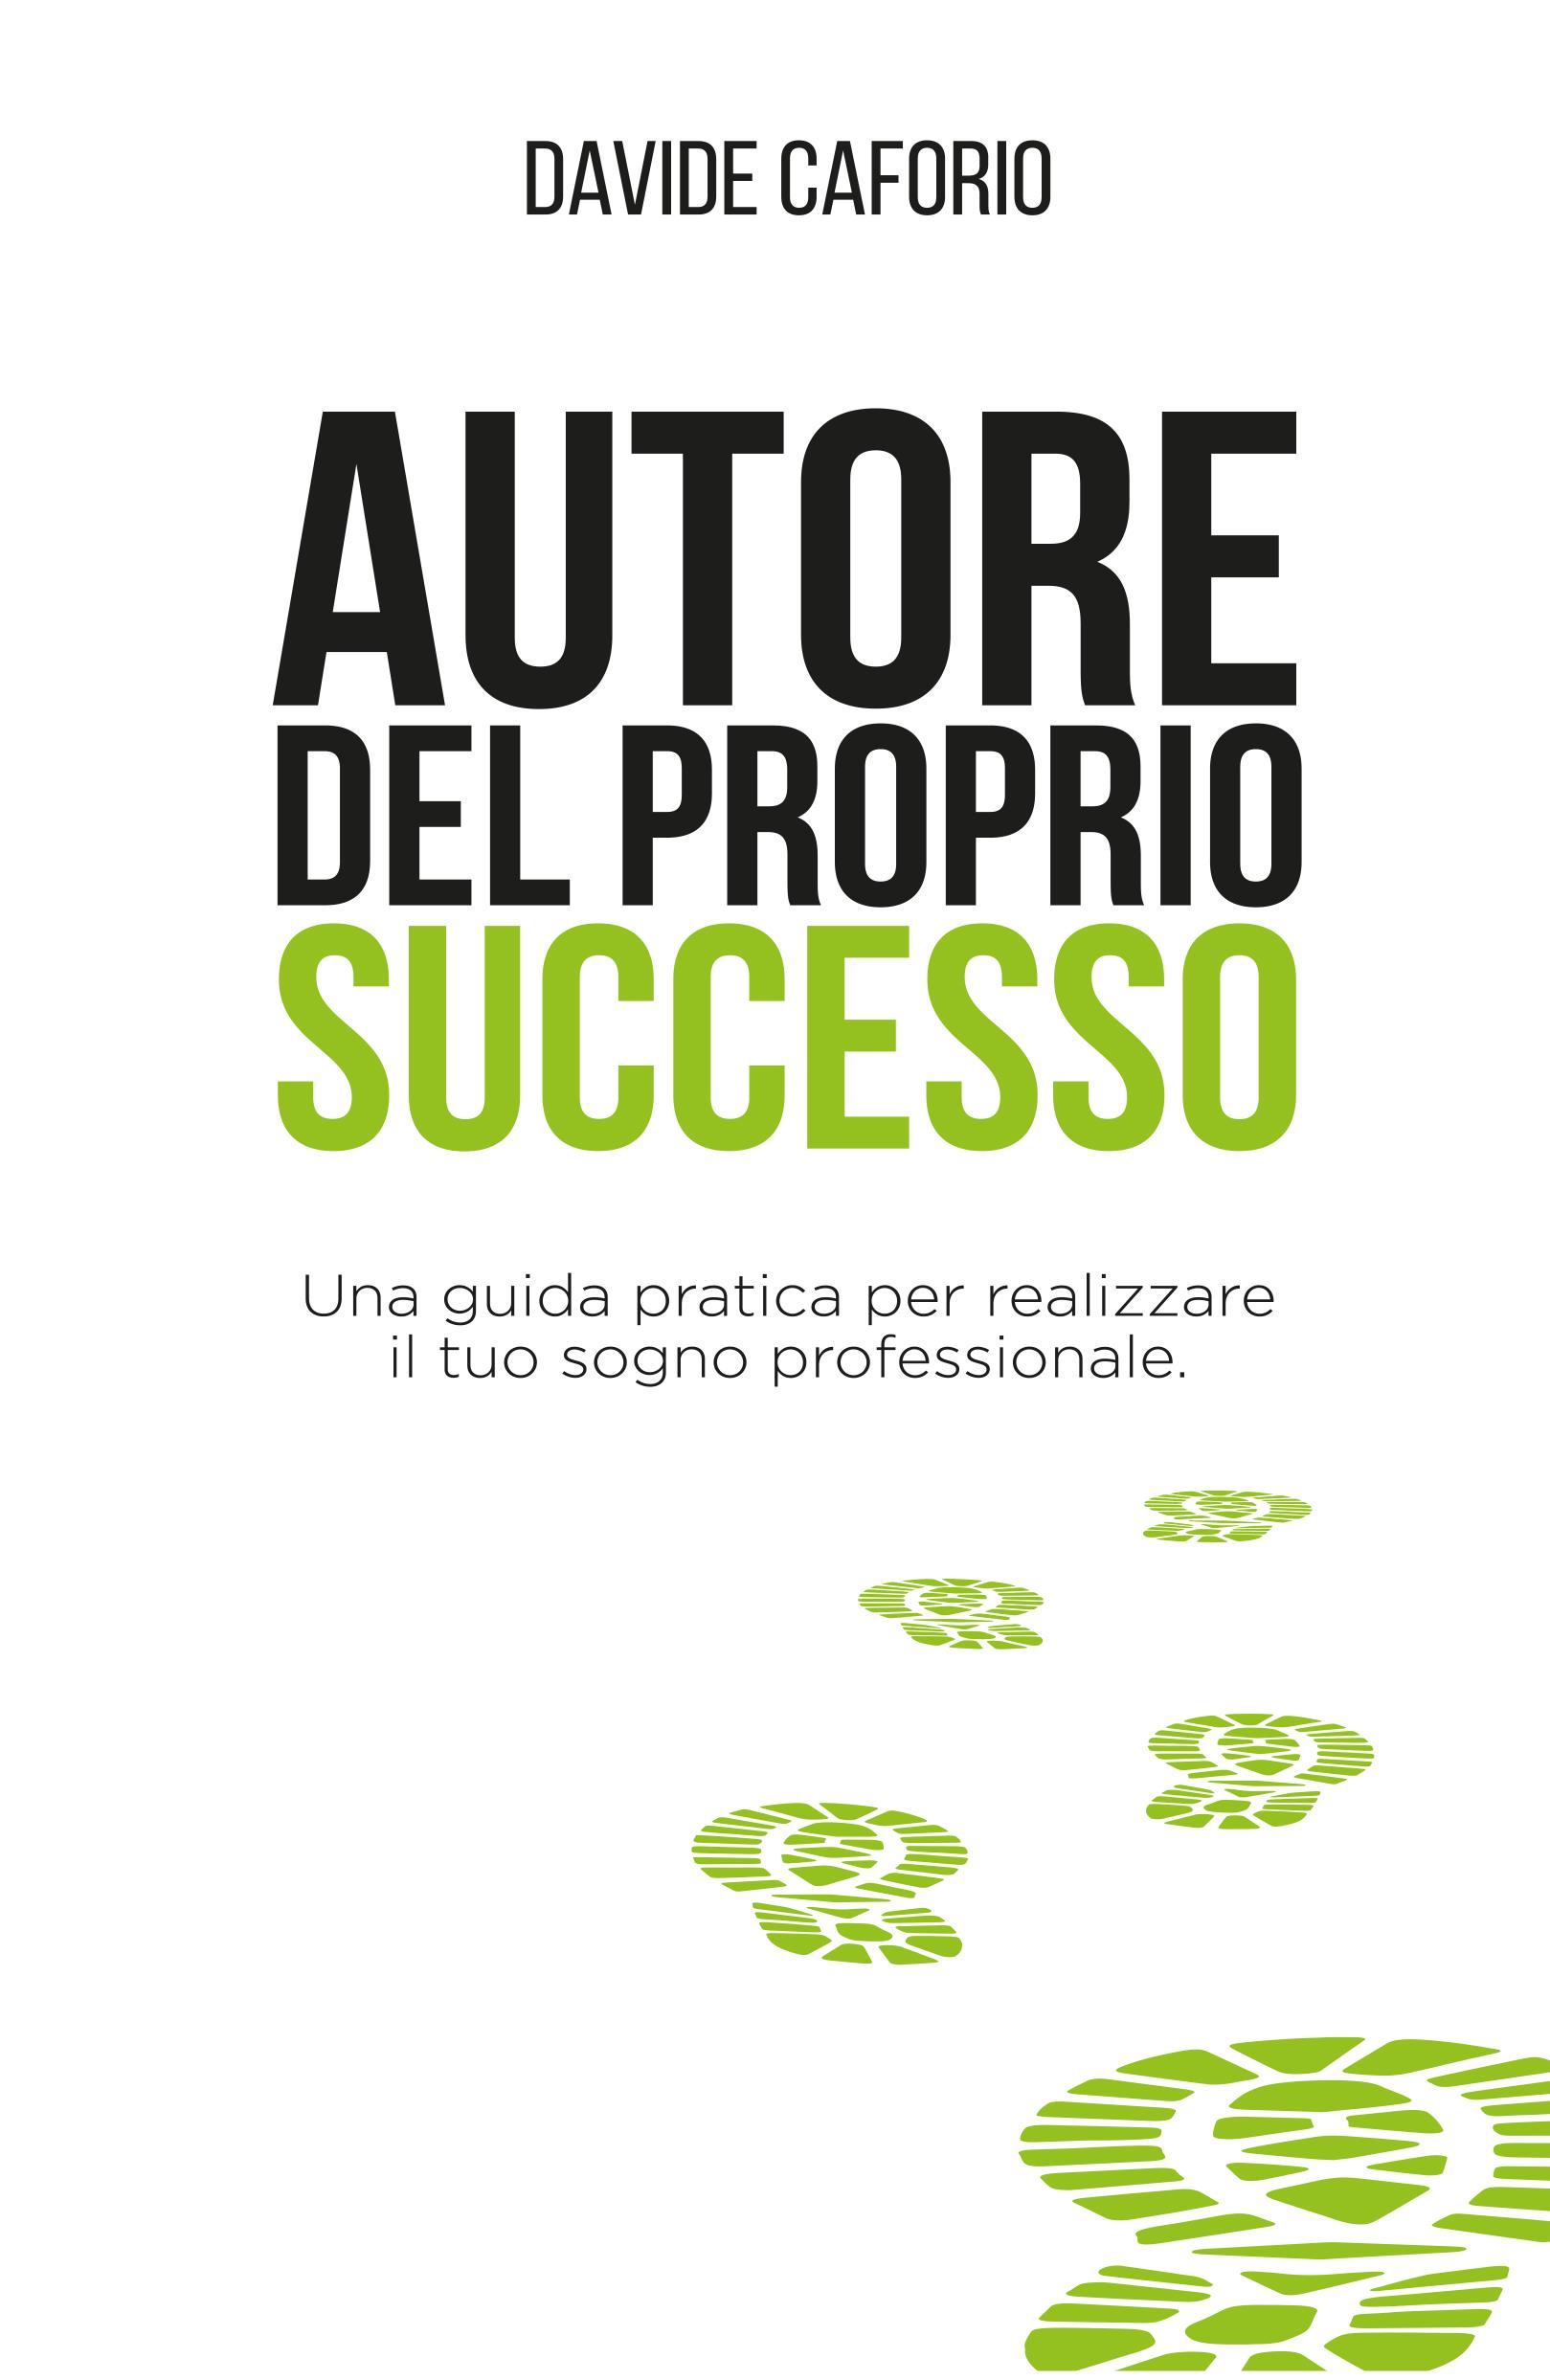 Autore del proprio successo. Una guida pratica per realizzare il tuo sogno professionale.